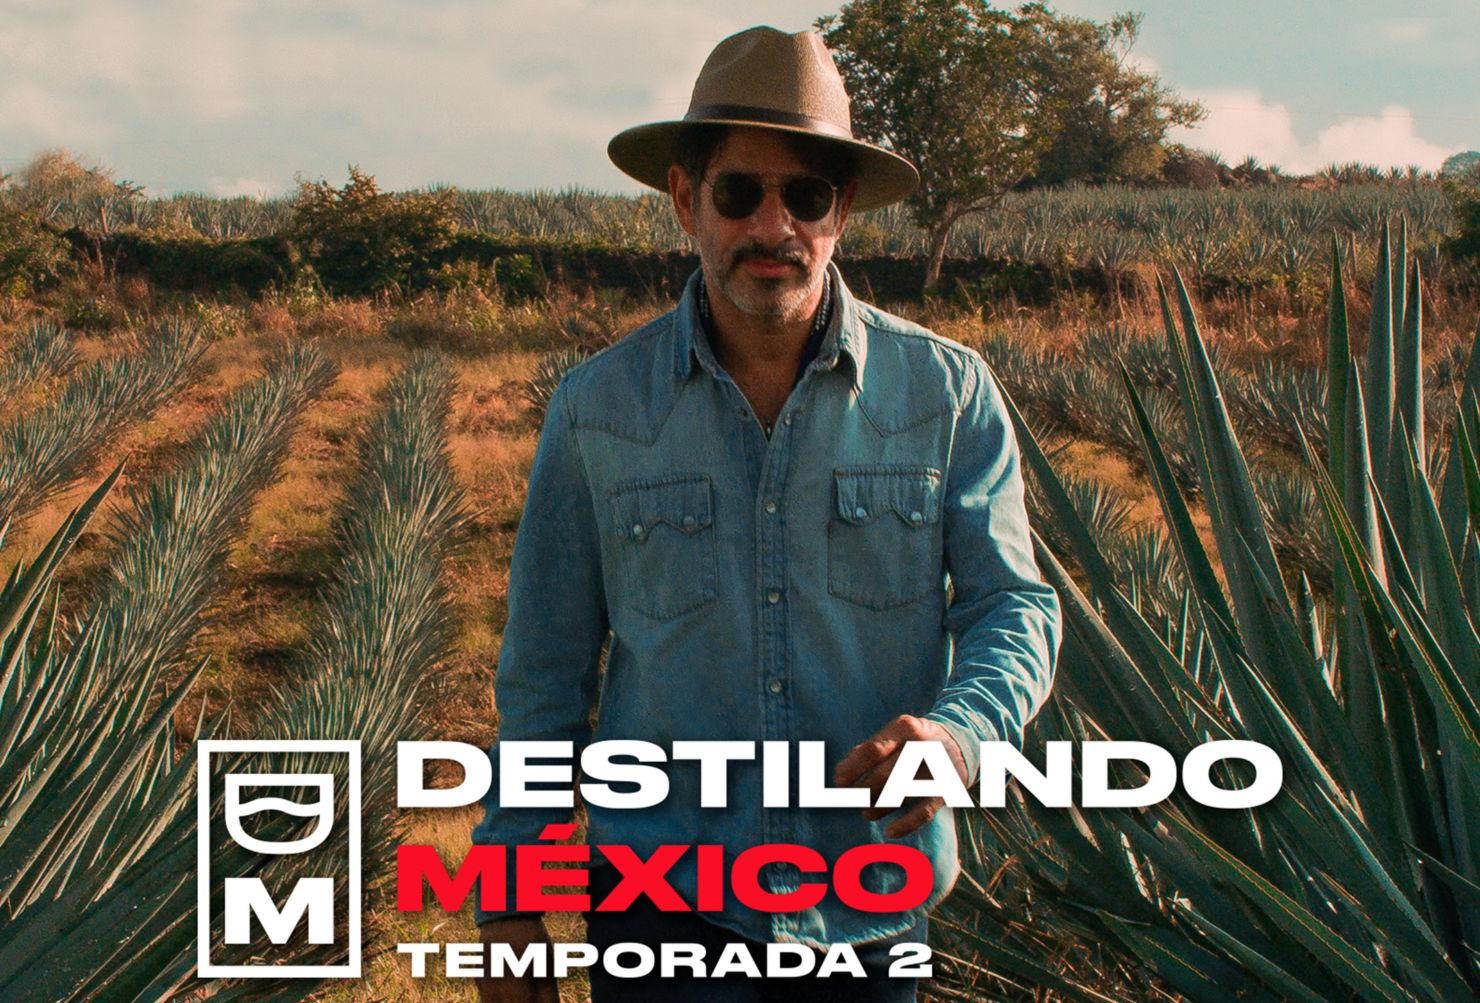 No te pierdas «Destilando México» Temporada 2, con la historia de nuestros típicos destilados